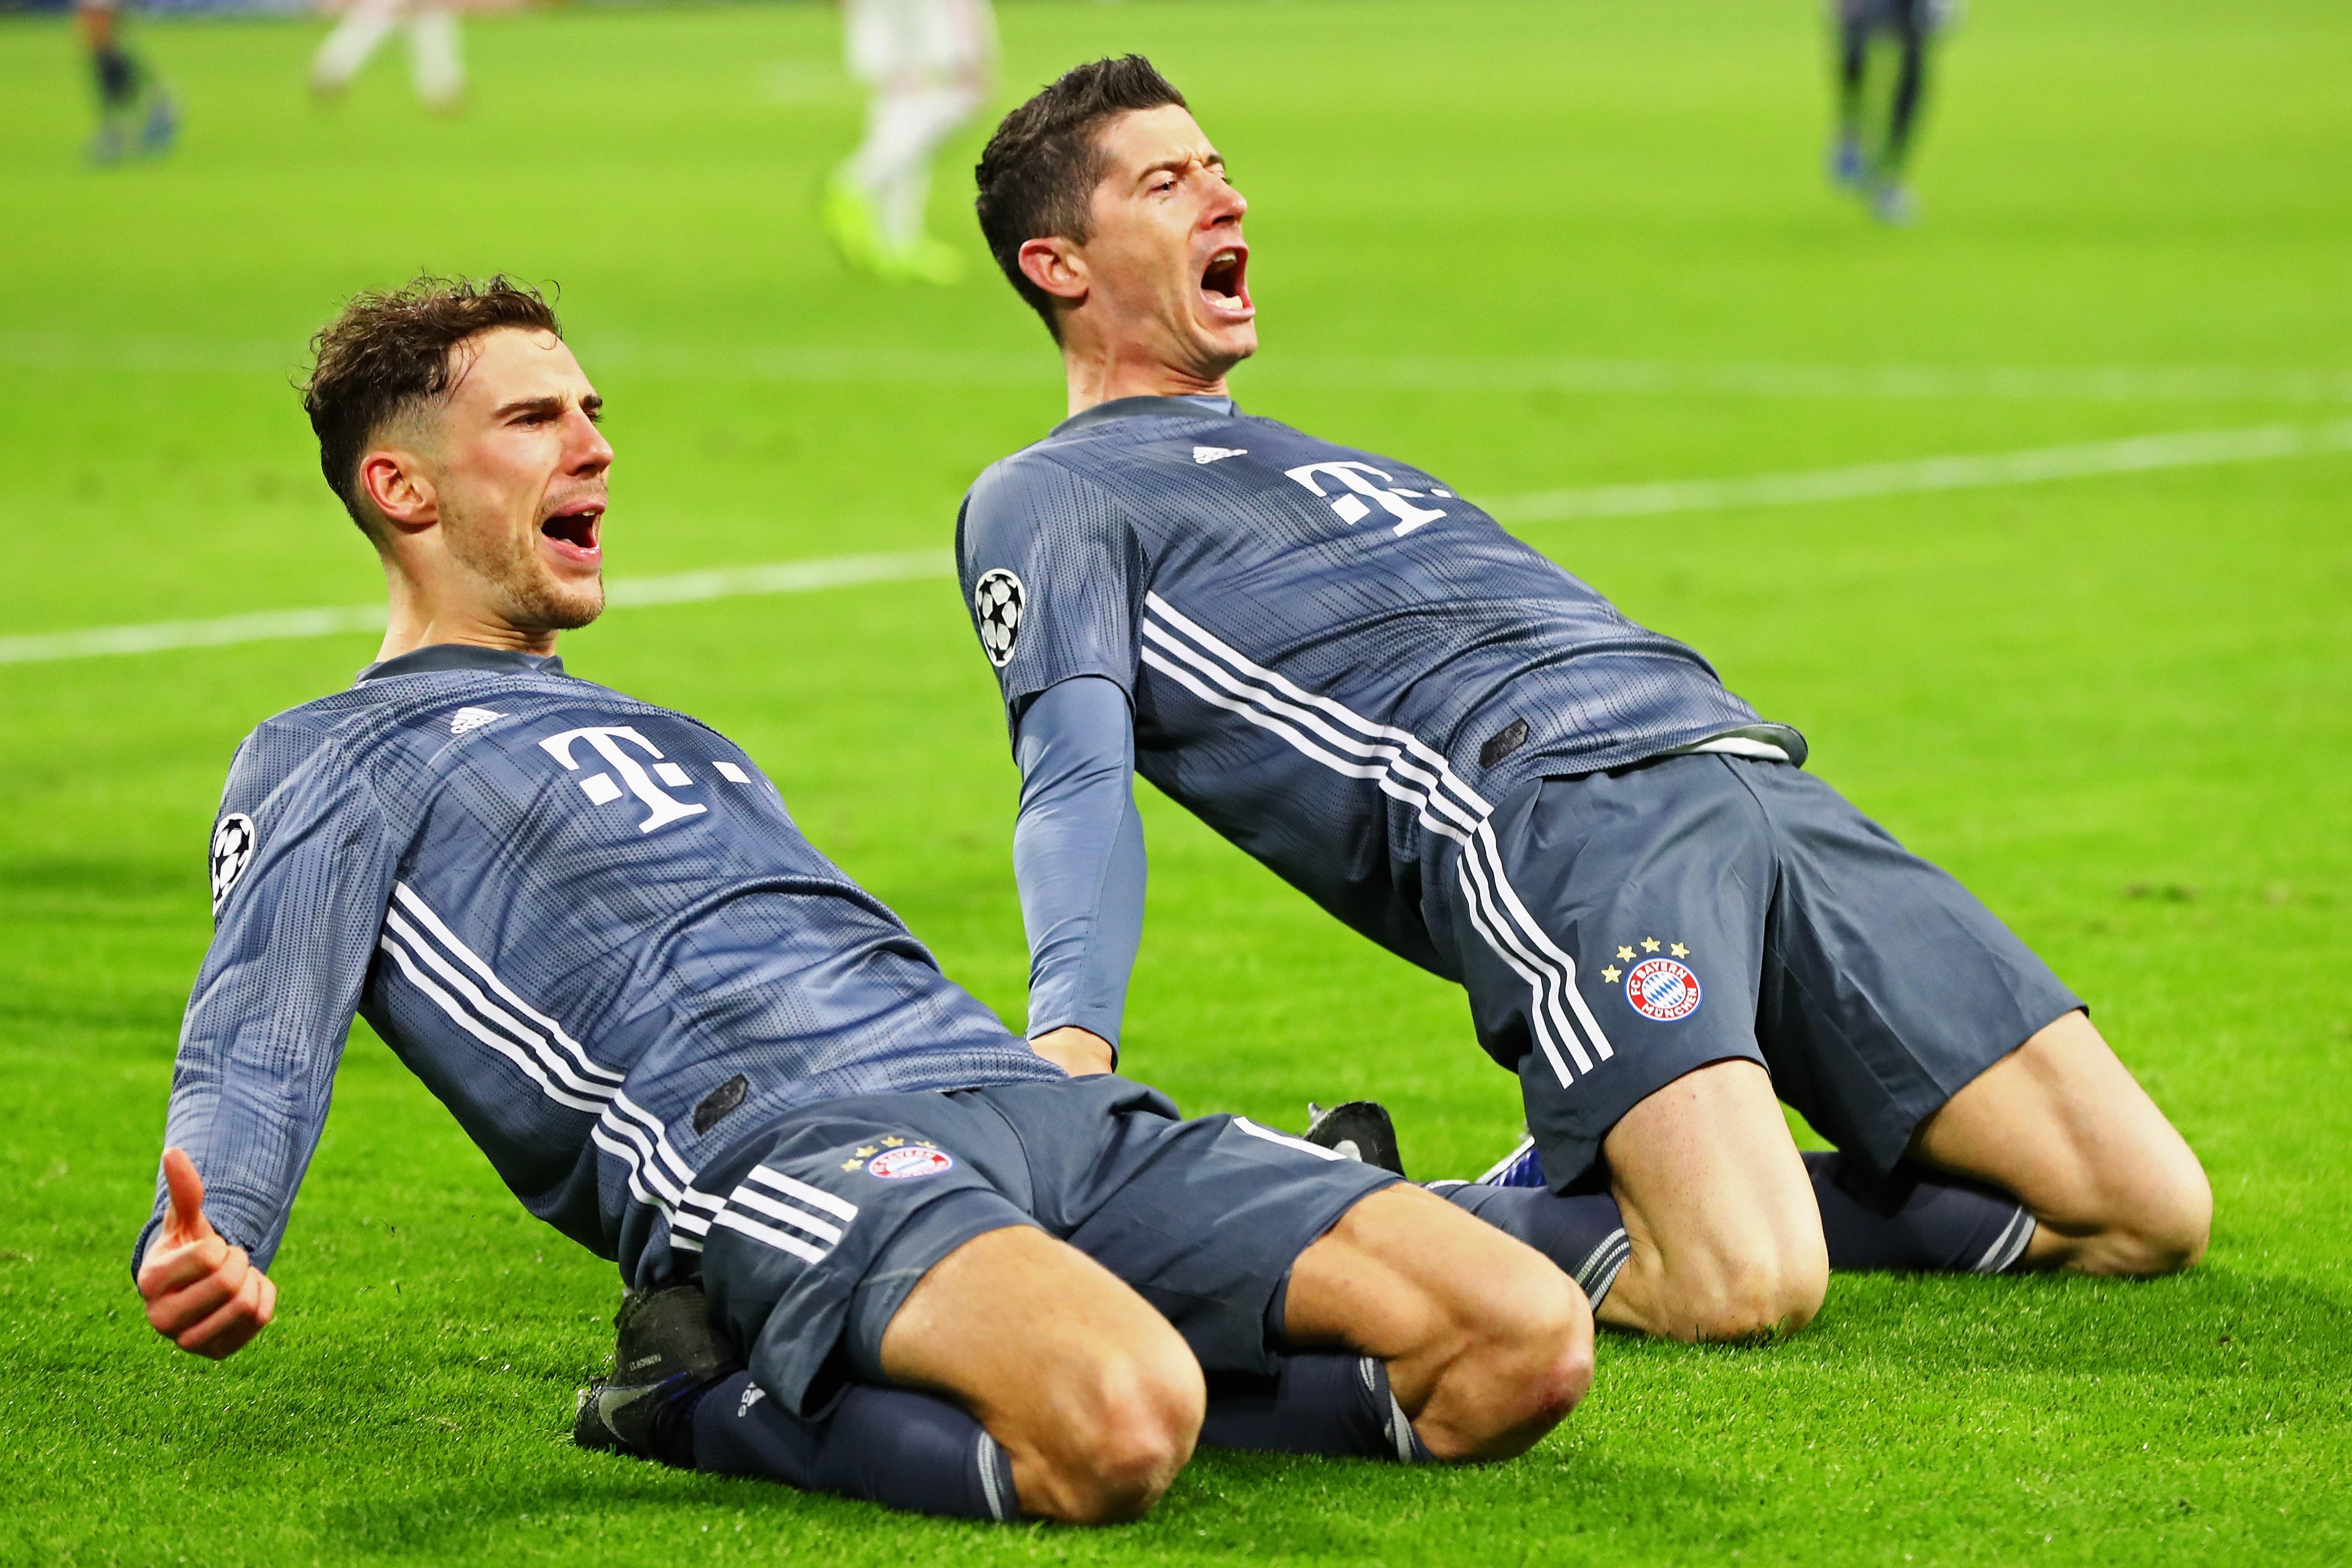 Fussball Heute Bayern Munchen Fc Liverpoolim Live Stream